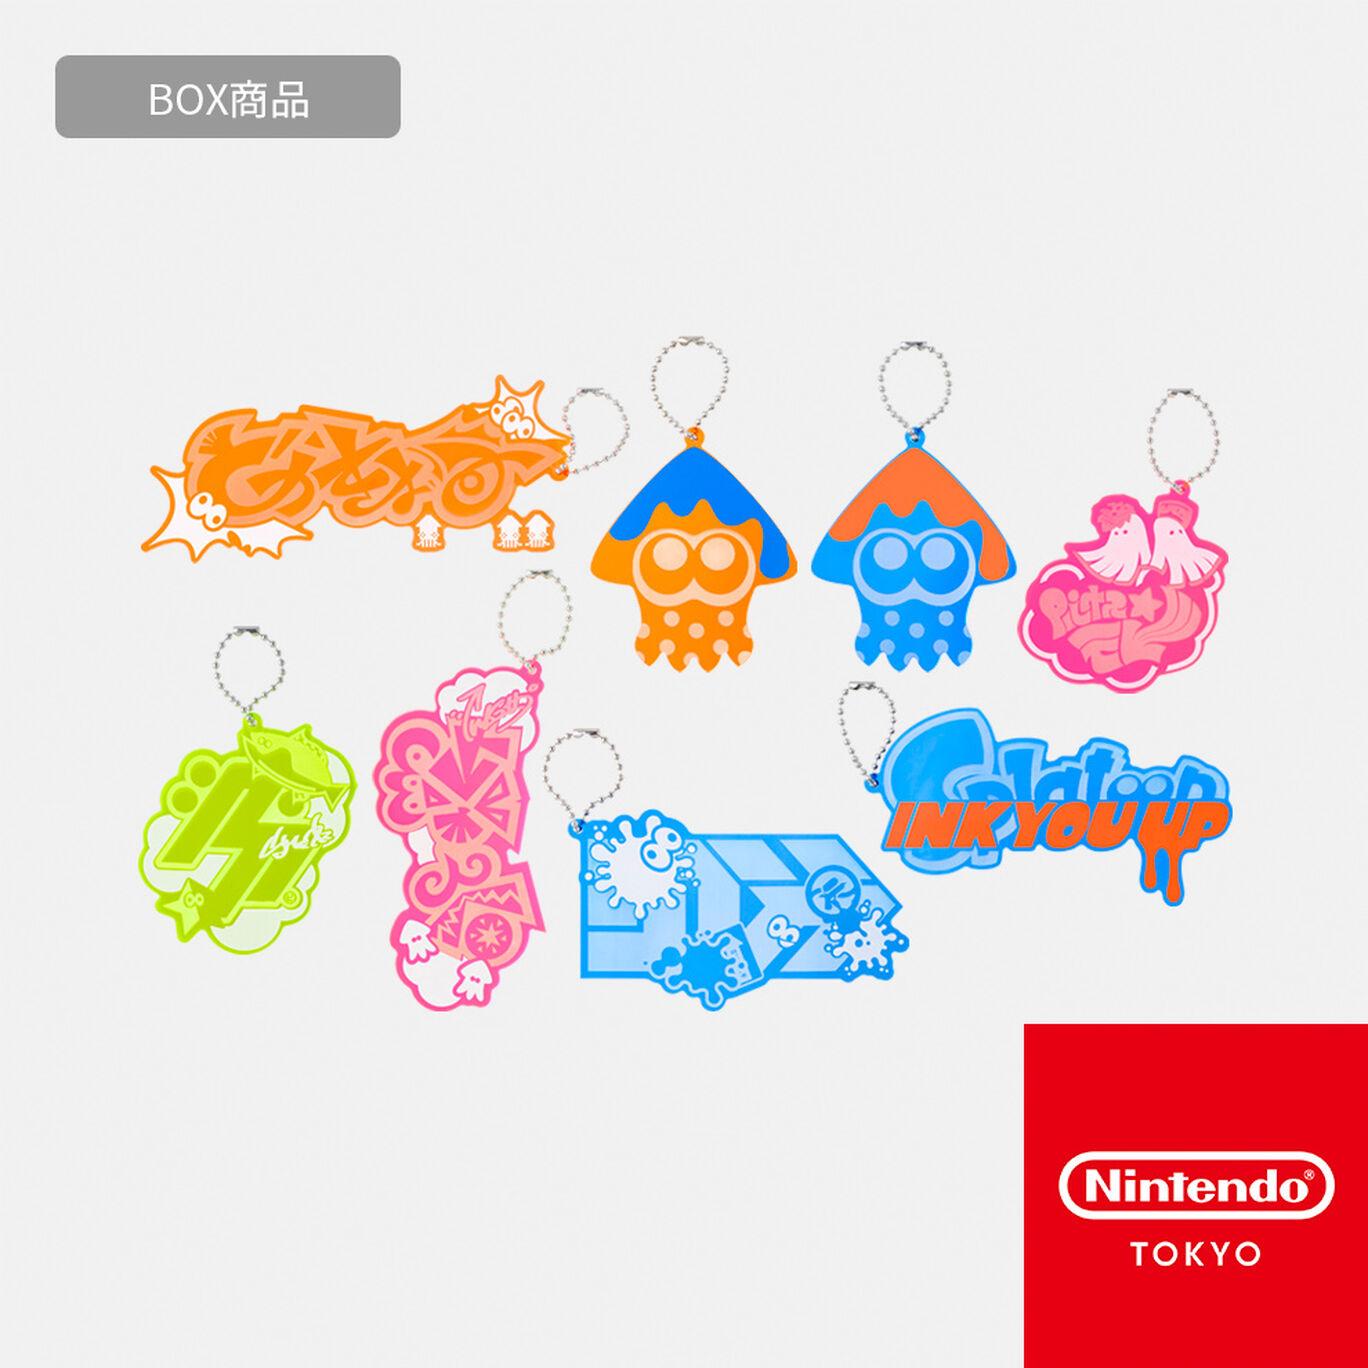 【BOX商品】アクリルチャームコレクション  INK YOU UP【Nintendo TOKYO取り扱い商品】